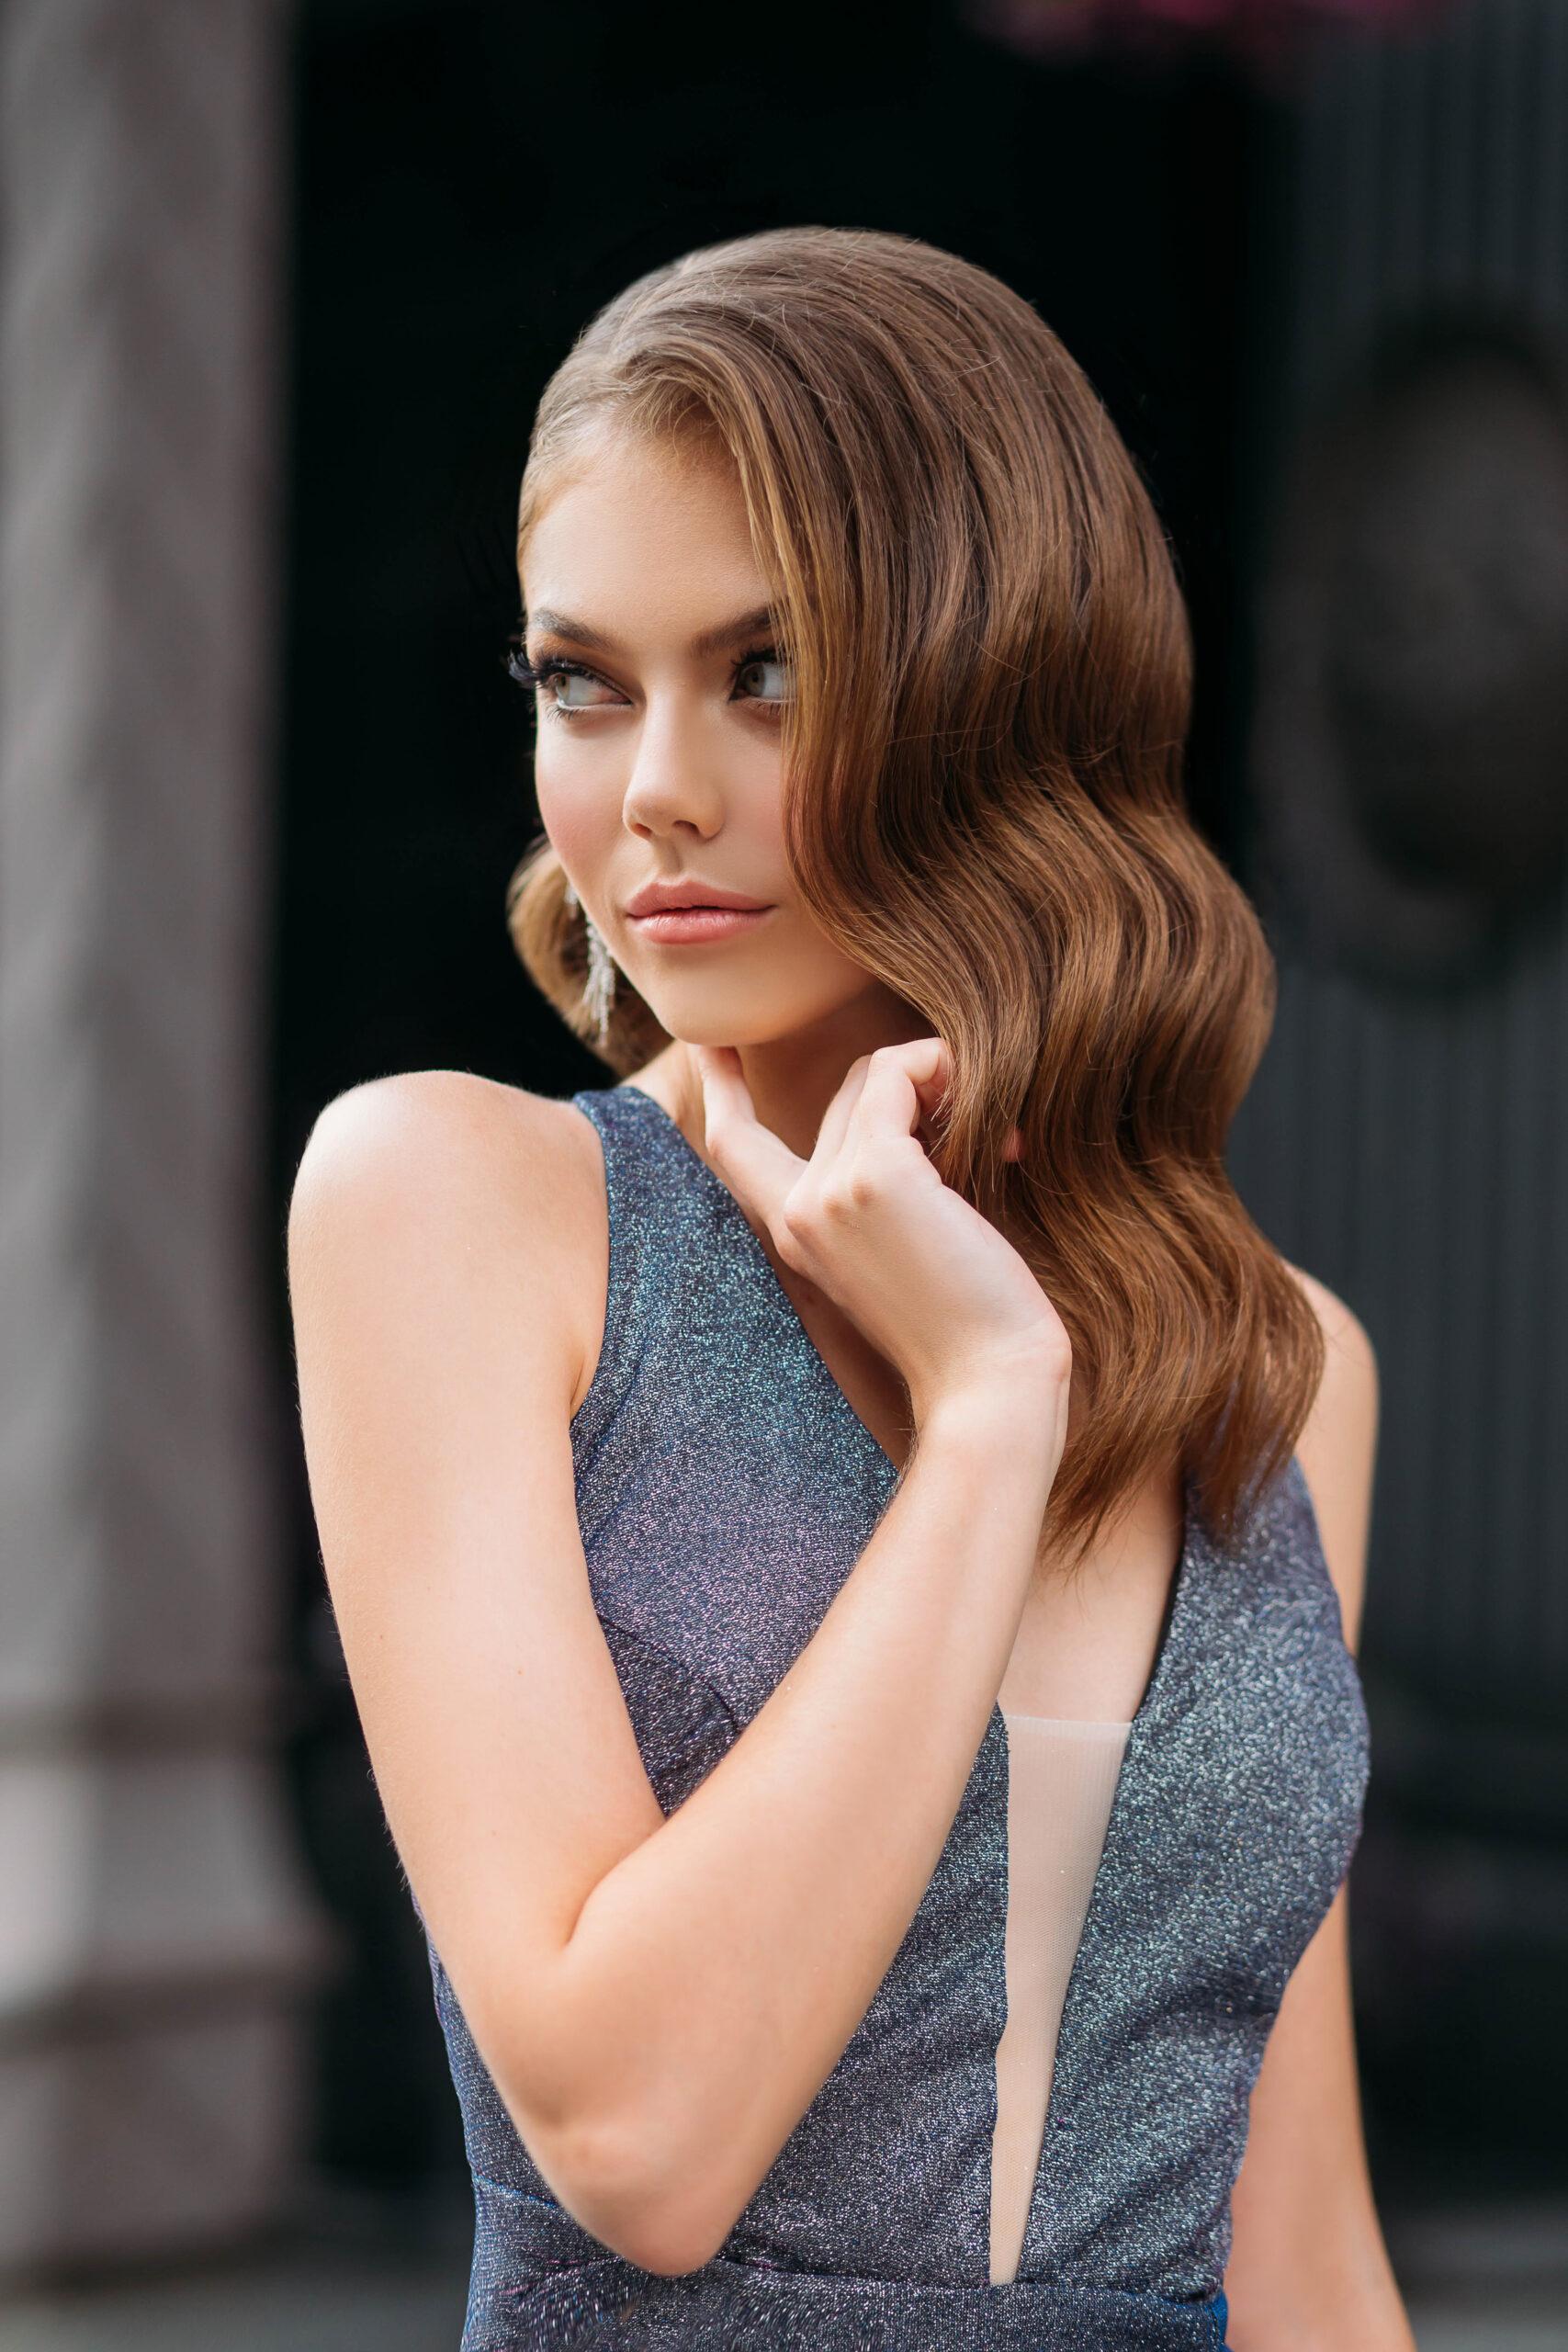 fryzura na wesele długie włosy pofalowane w stylu retro